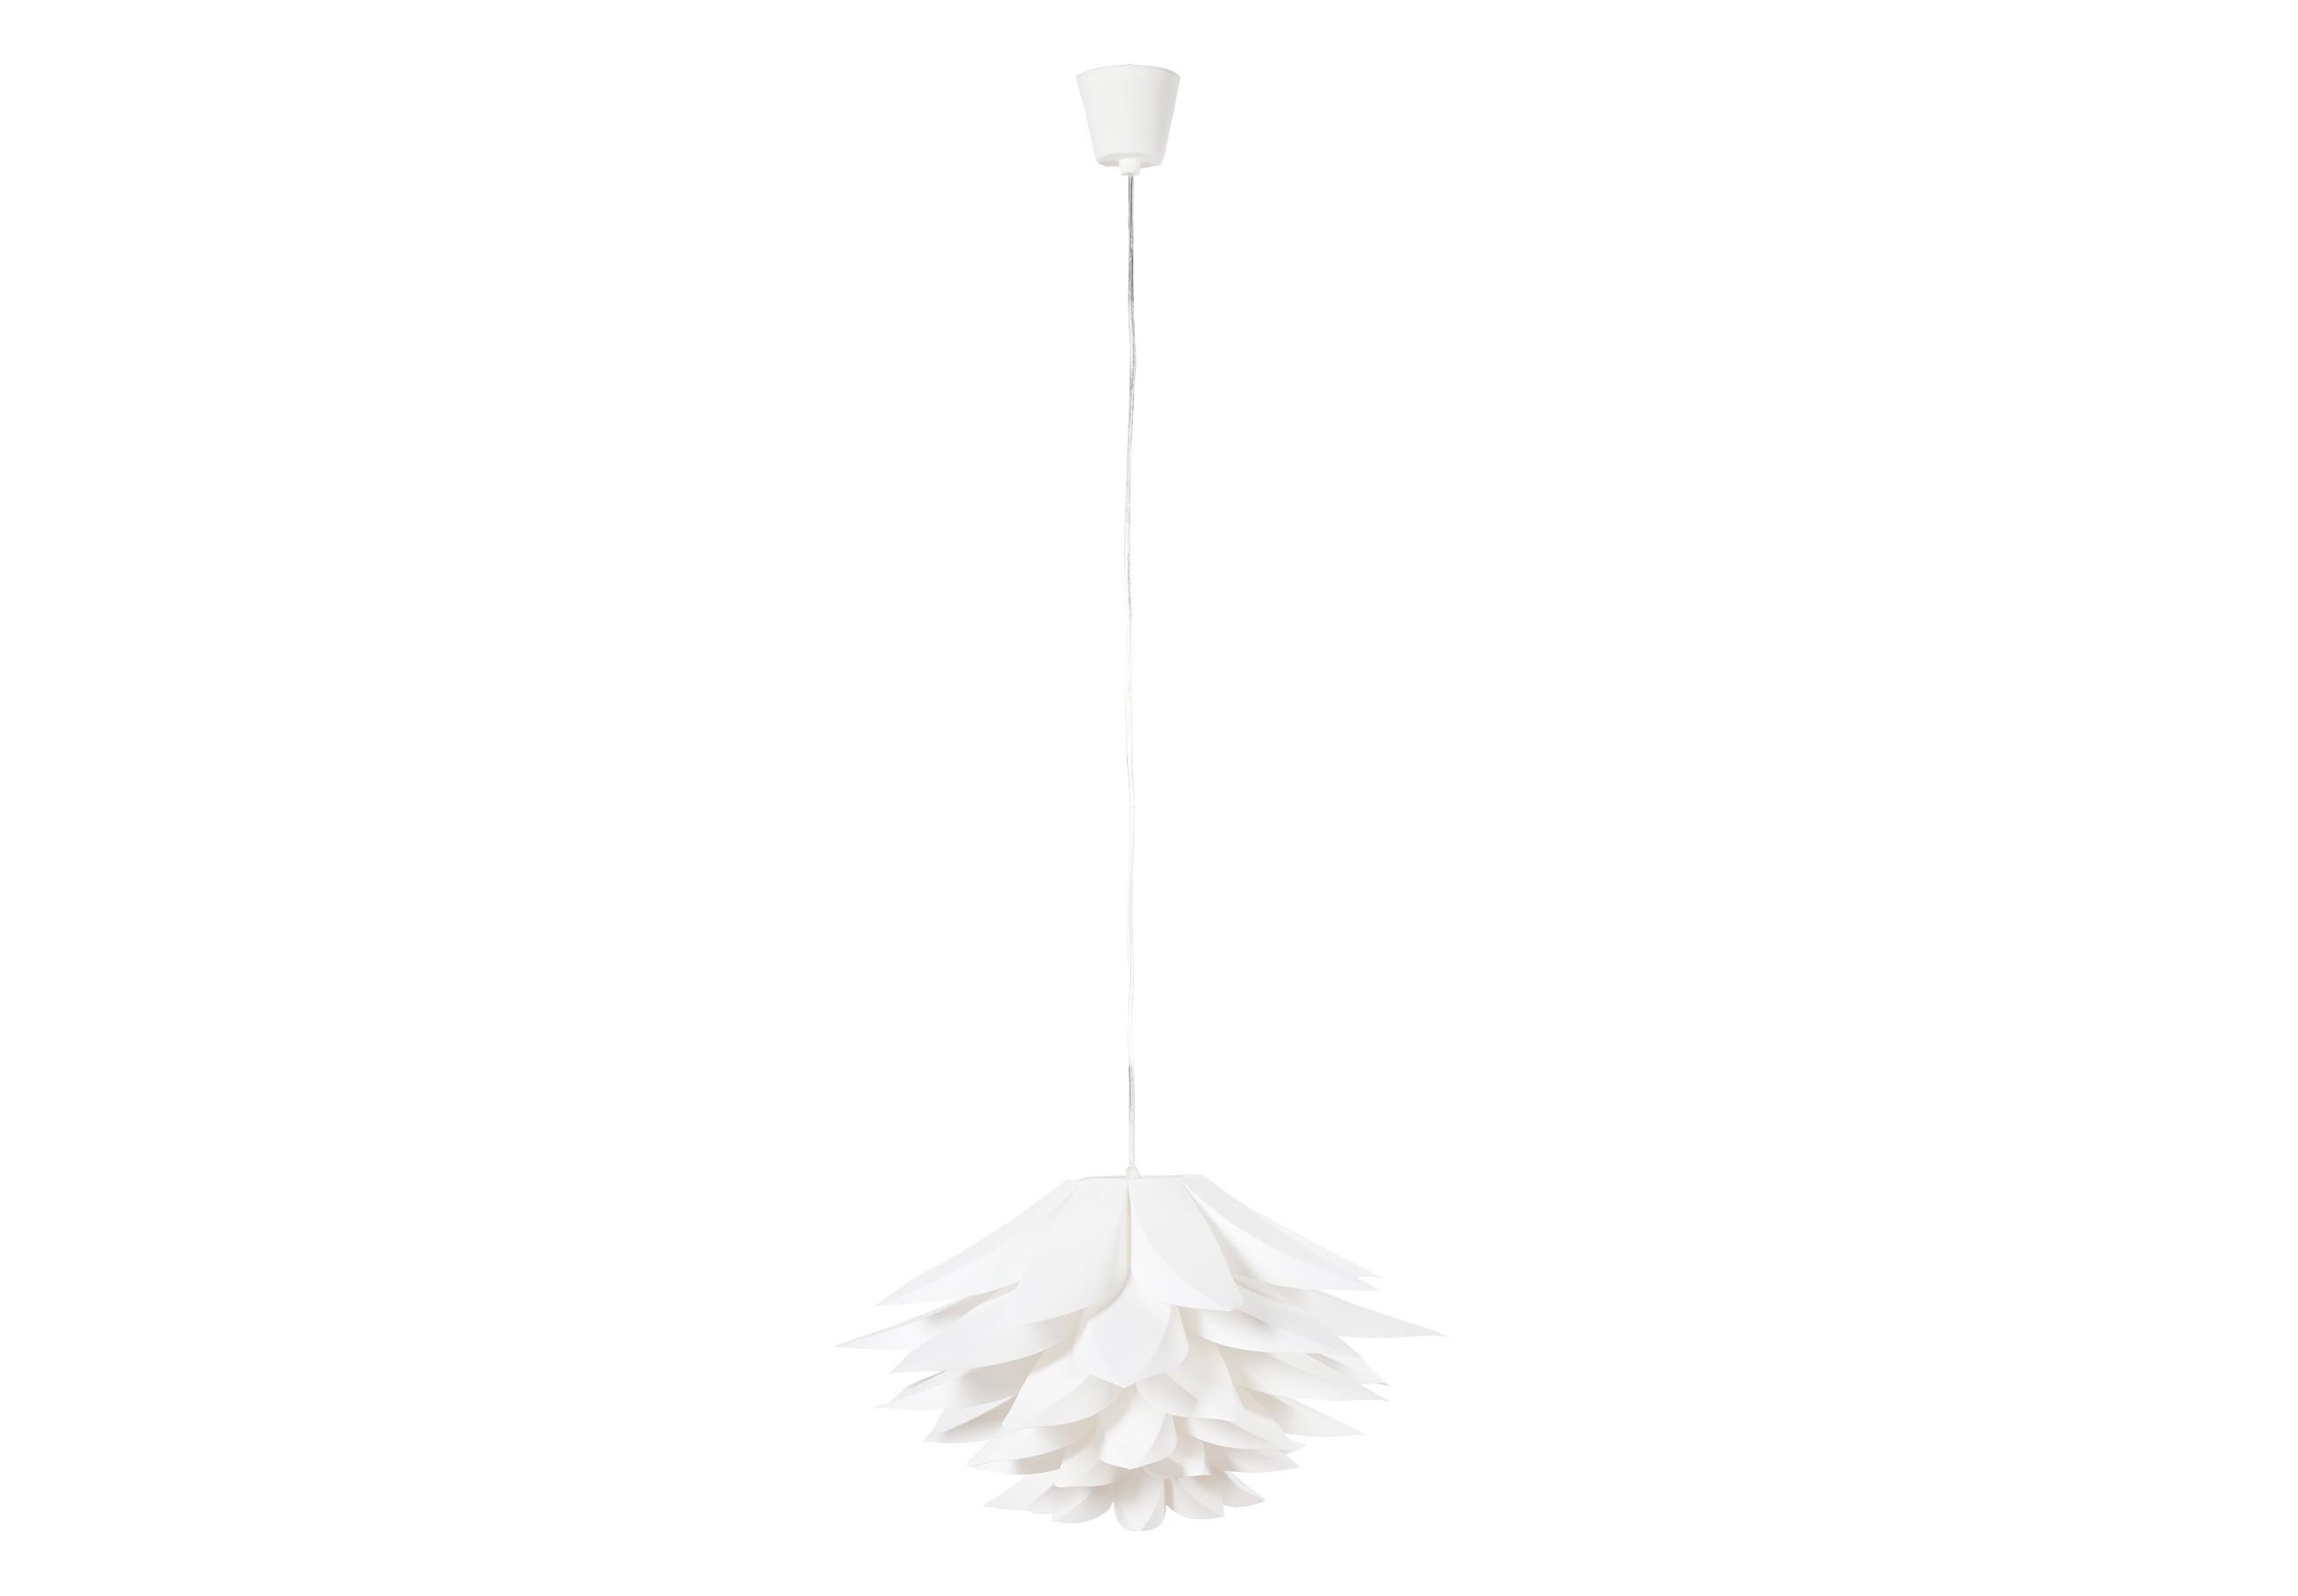 Люстра ArtikПодвесные светильники<br>Подвесная лампа: ПВХ абажур; основание хромированное железо; предназначена для использования со светодиодными лампами&amp;lt;div&amp;gt;&amp;lt;br&amp;gt;&amp;lt;/div&amp;gt;&amp;lt;div&amp;gt;&amp;lt;div&amp;gt;Вид цоколя: E27&amp;lt;/div&amp;gt;&amp;lt;div&amp;gt;Мощность: &amp;amp;nbsp;50W&amp;amp;nbsp;&amp;lt;/div&amp;gt;&amp;lt;div&amp;gt;Количество ламп: 1 (в комплект не входит)&amp;lt;/div&amp;gt;&amp;lt;/div&amp;gt;<br><br>Material: Металл<br>Высота см: 30